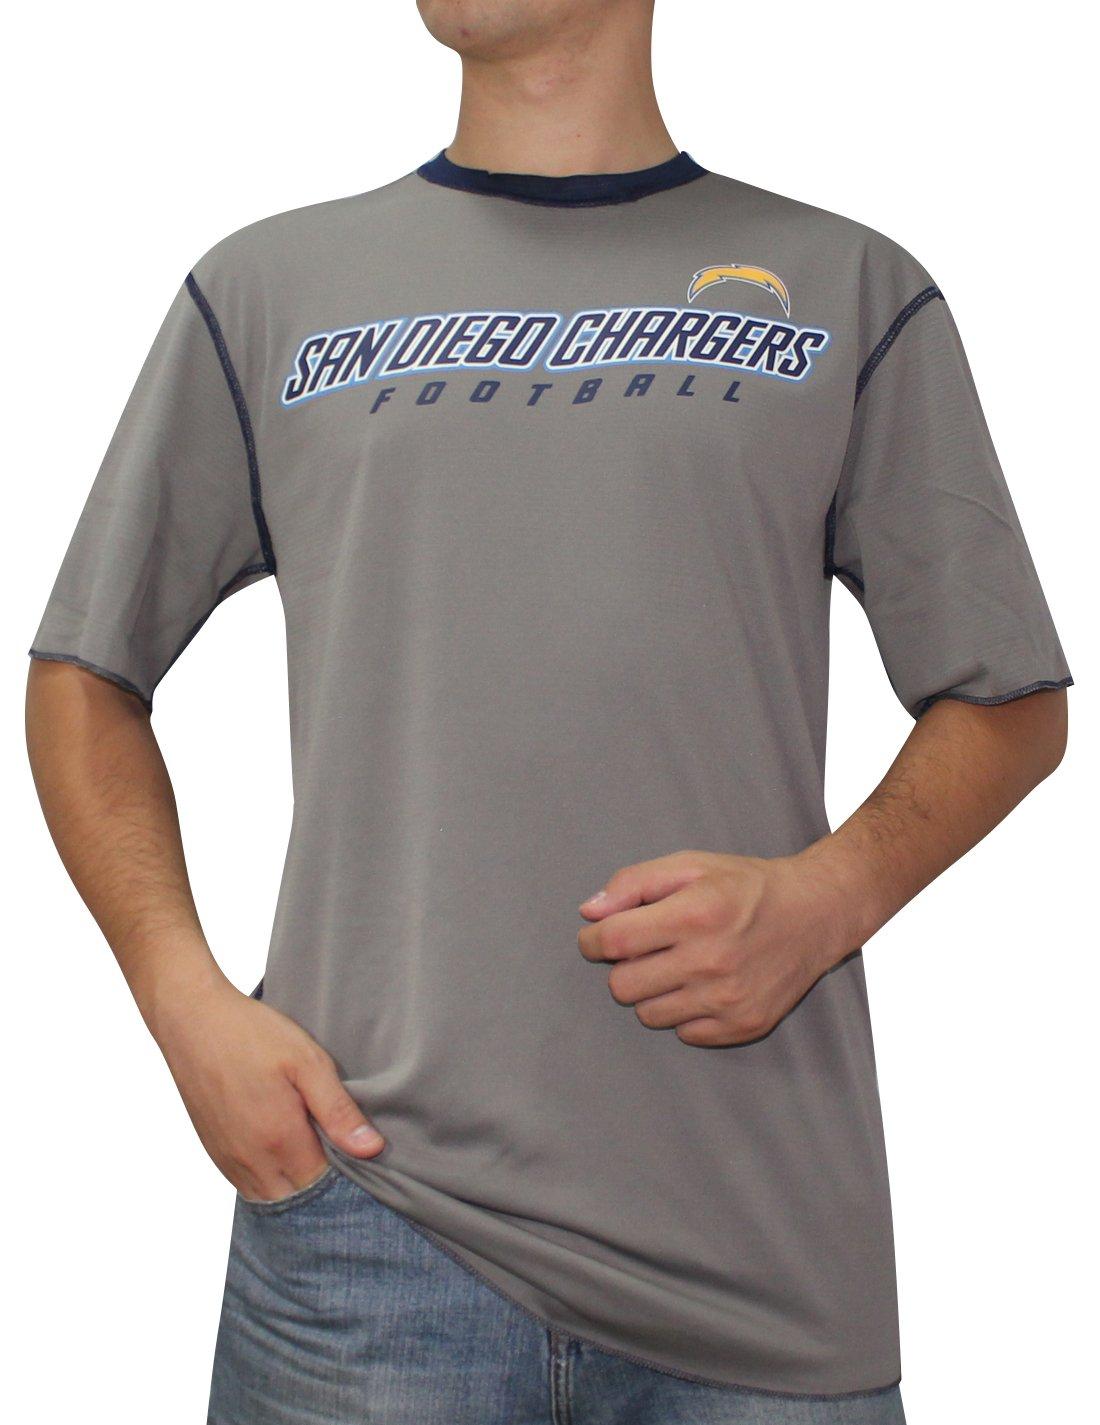 SD Chargers :メンズ半袖リバーシブルDri - Fit Tシャツ XL Grey&DarkBlue B0758VY18J